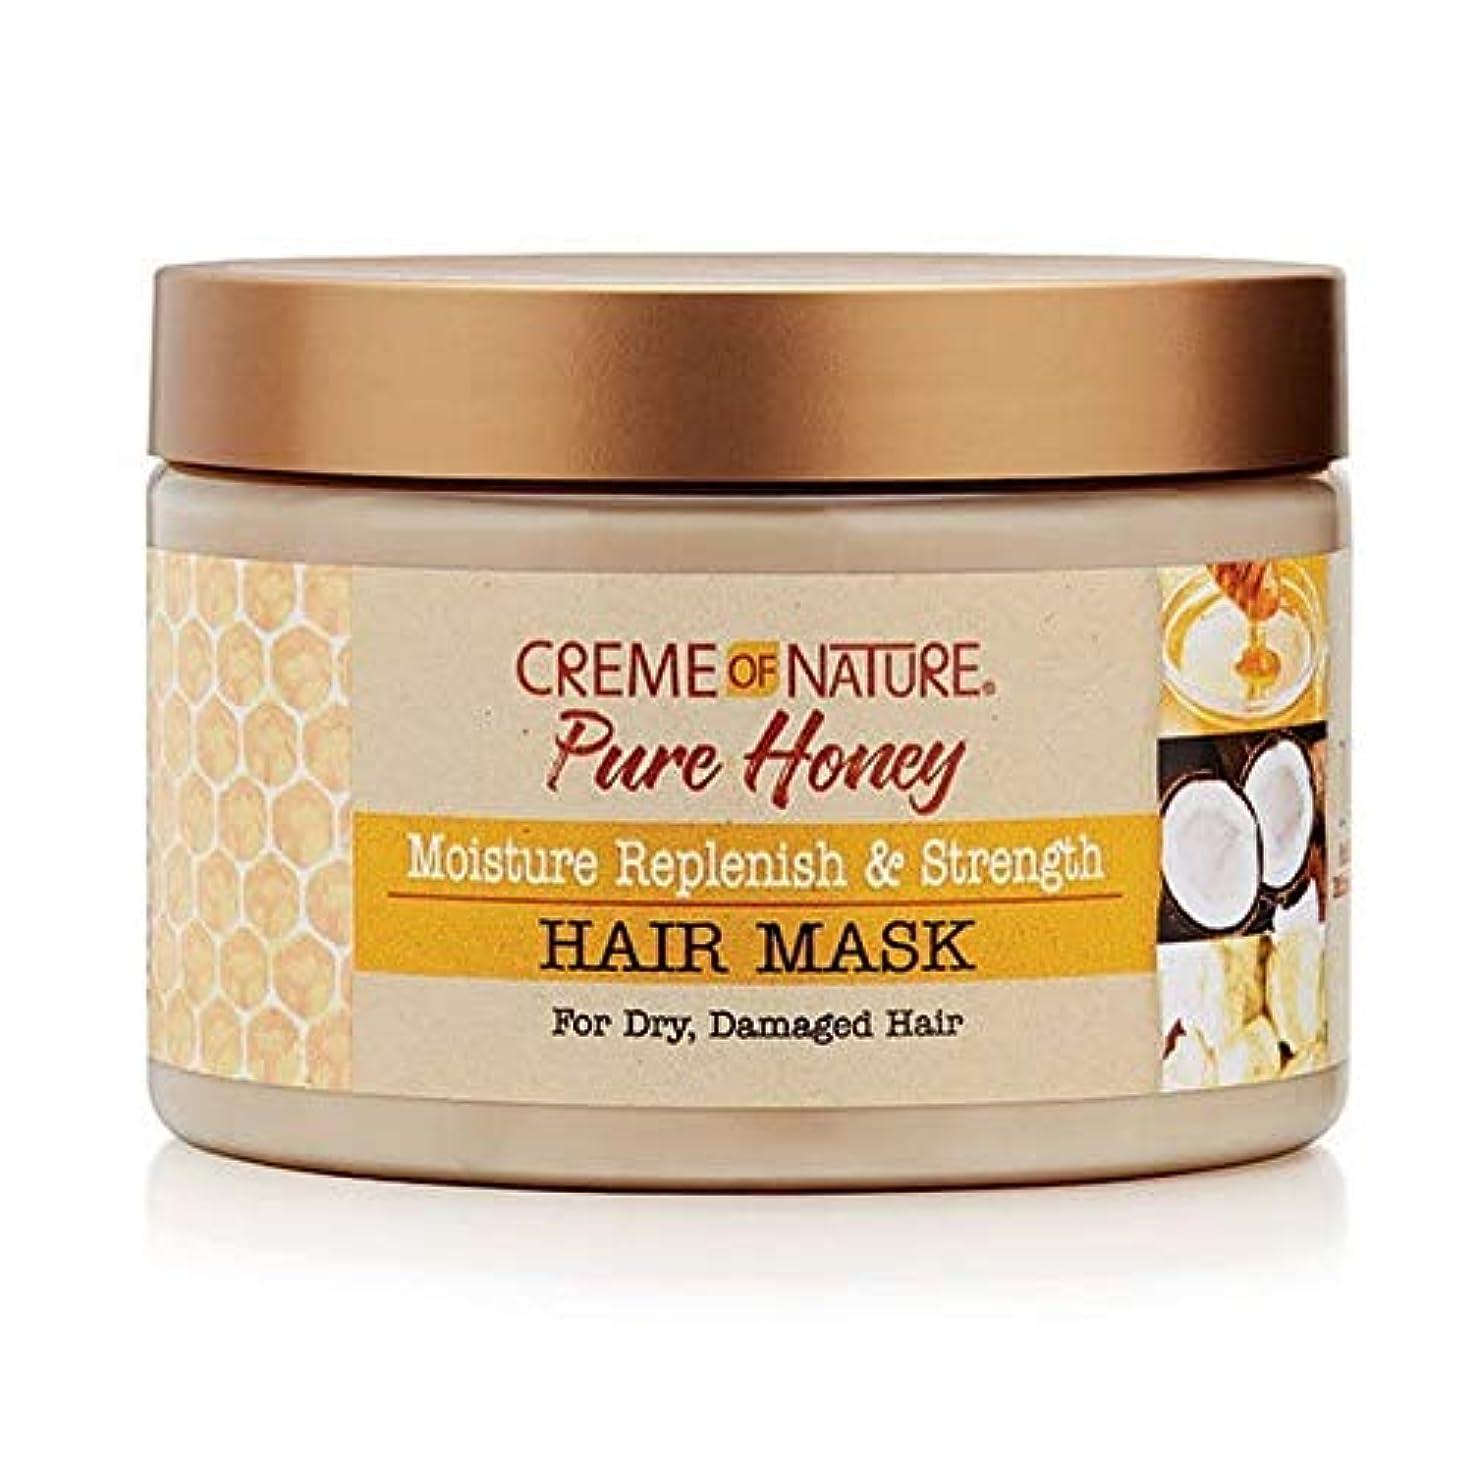 シュートバックアップリール[Creme of Nature ] 自然の純粋な蜂蜜のクリーム補充&ヘアマスクを強化 - Creme of Nature Pure Honey Replenish & Strengthen Hair Mask [並行輸入品]